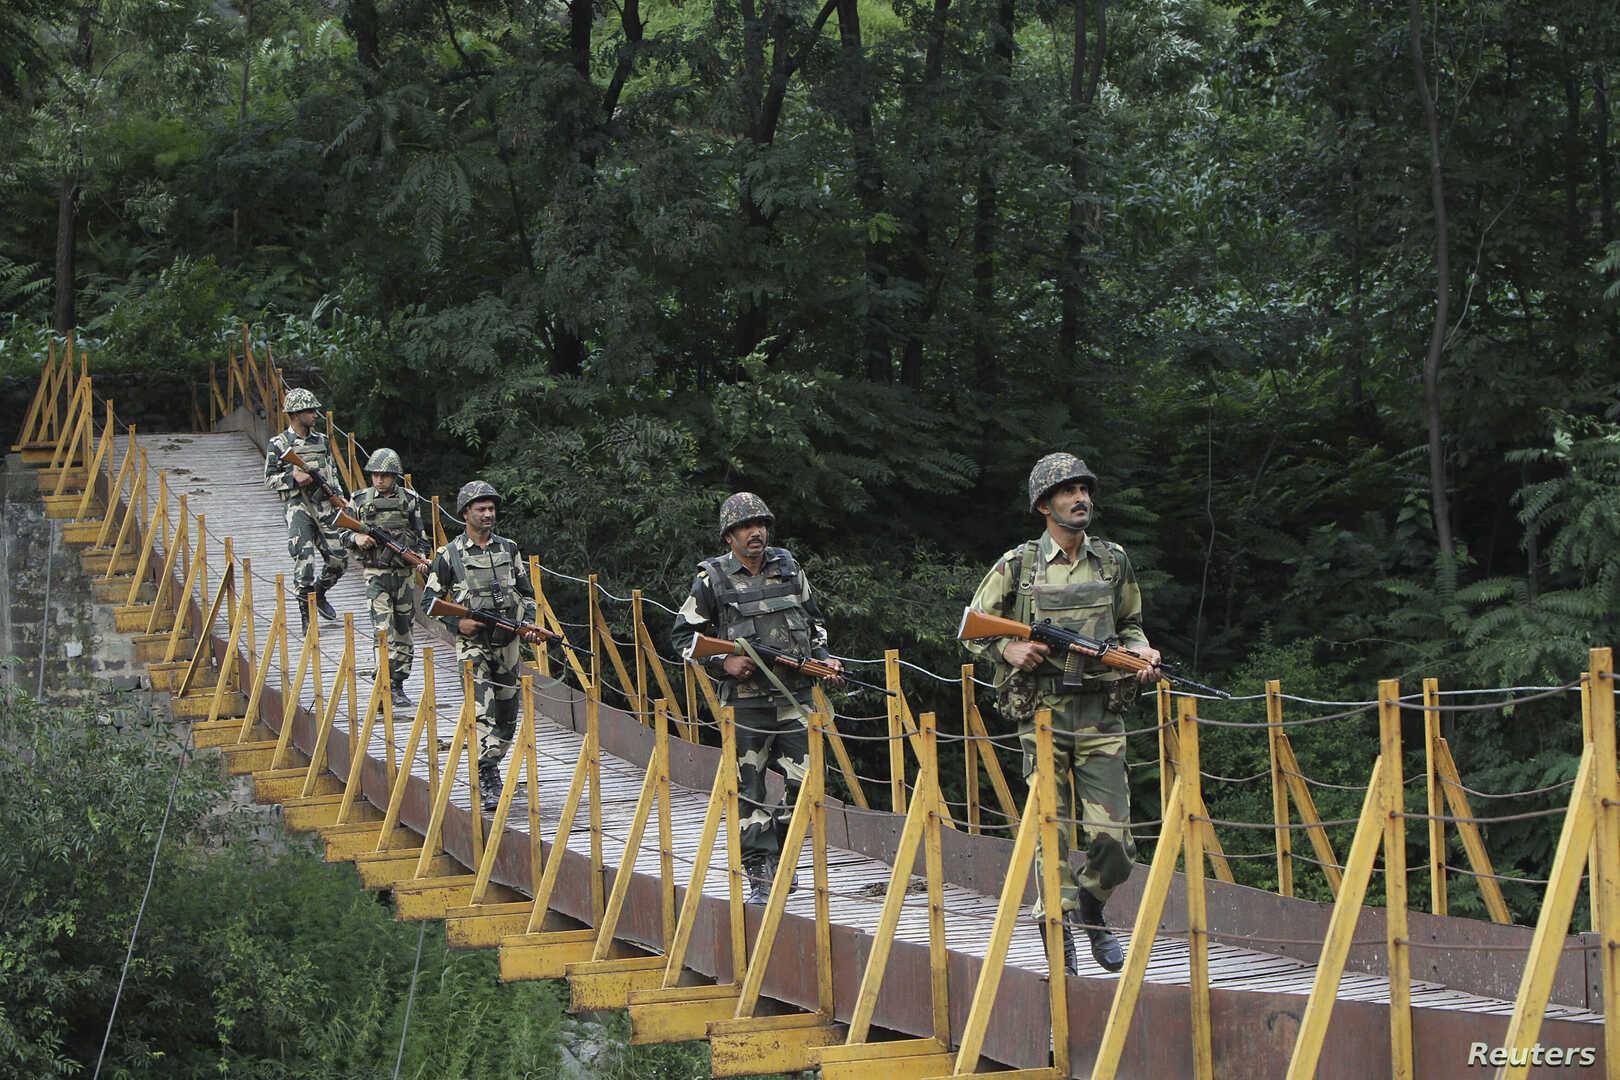 دورية للقوات المسلحة الهندية.